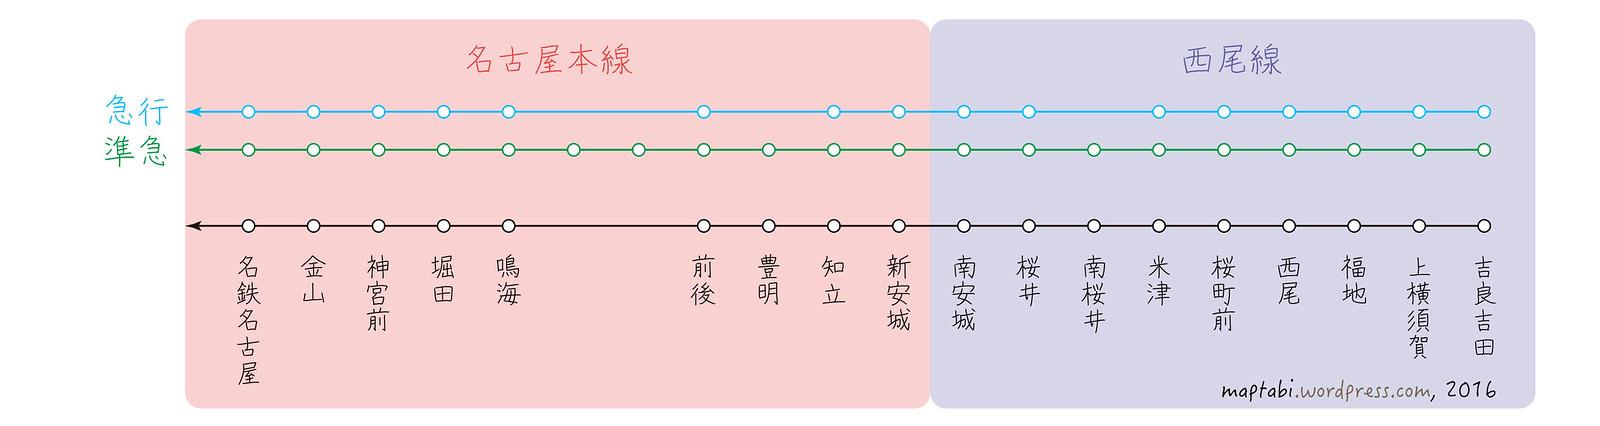 meitetsu_kirihanashi